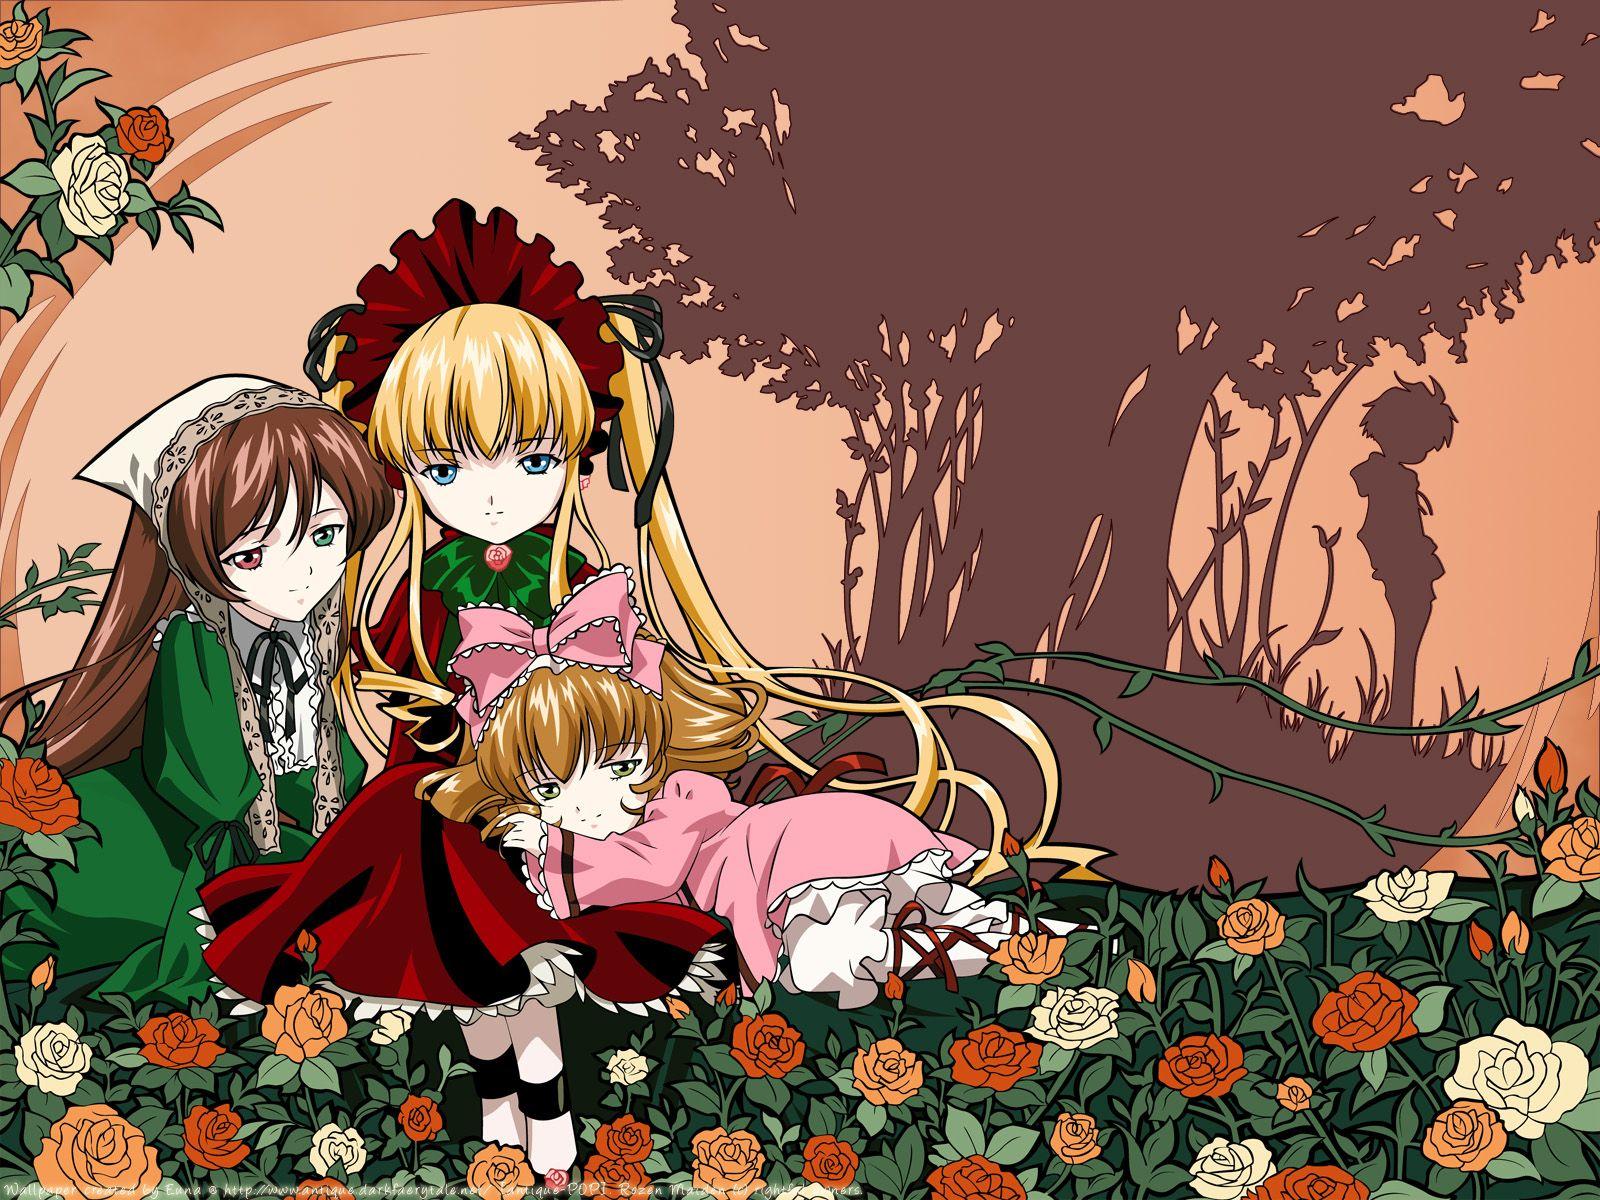 Konachan.com - 25161 flowers hina_ichigo rozen_maiden sakurada_jun shinku silhouette suiseiseki